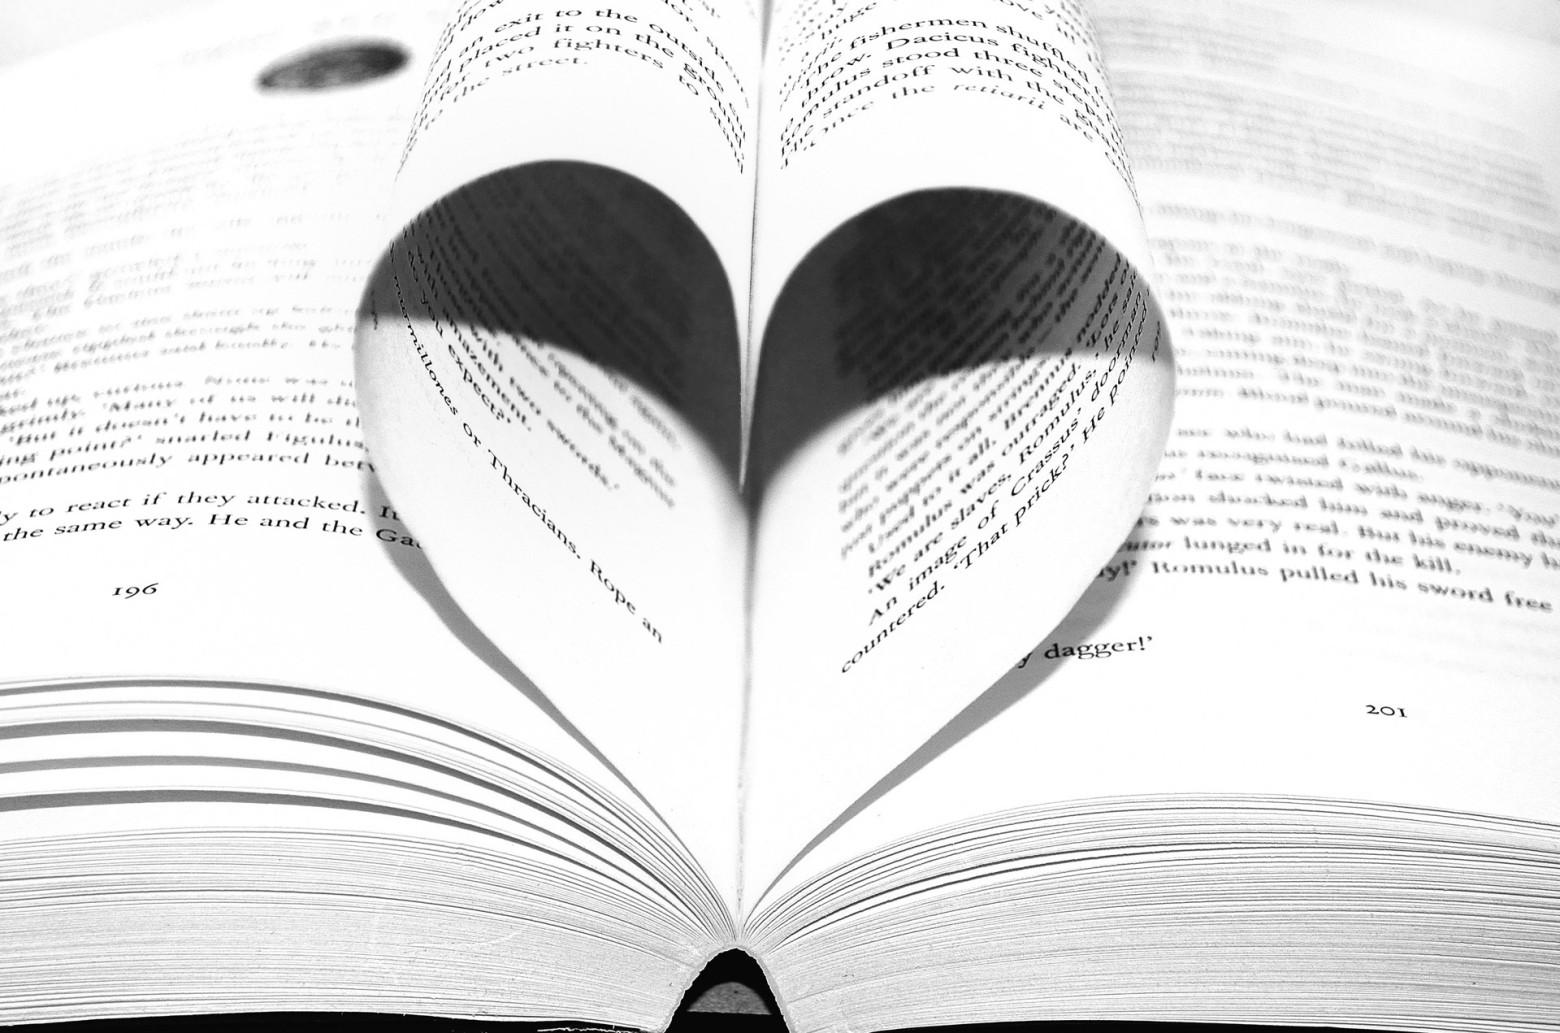 Livre Feuille Coeur Roman Images Gratuites Et Libres De Droits